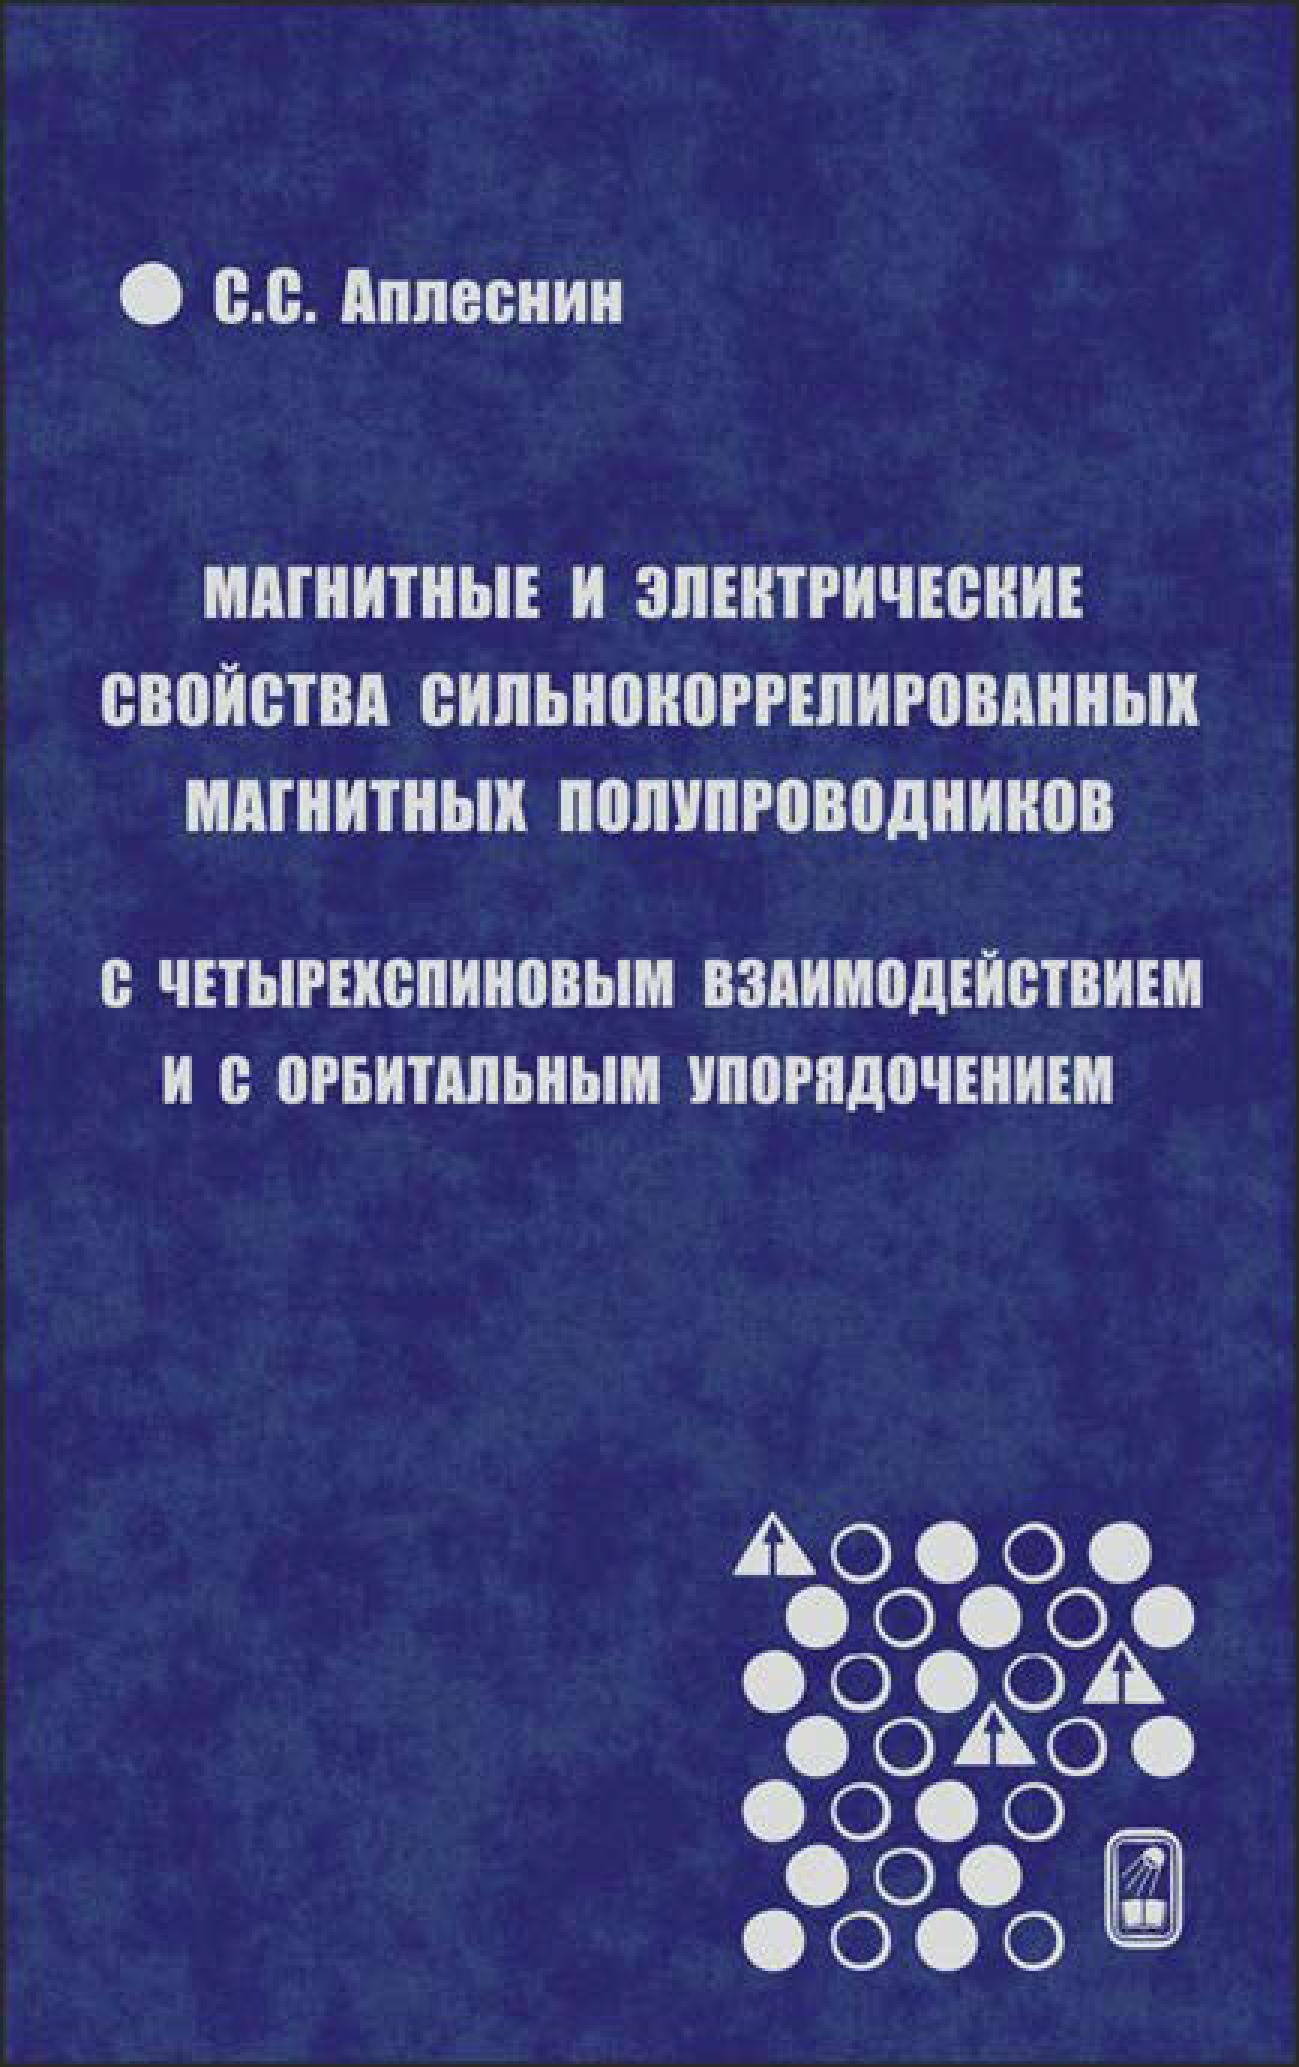 Сергей Аплеснин Магнитные и электрические свойства сильнокоррелированных магнитных полупроводников с четырехспиновым взаимодействием и с орбитальным упорядочением